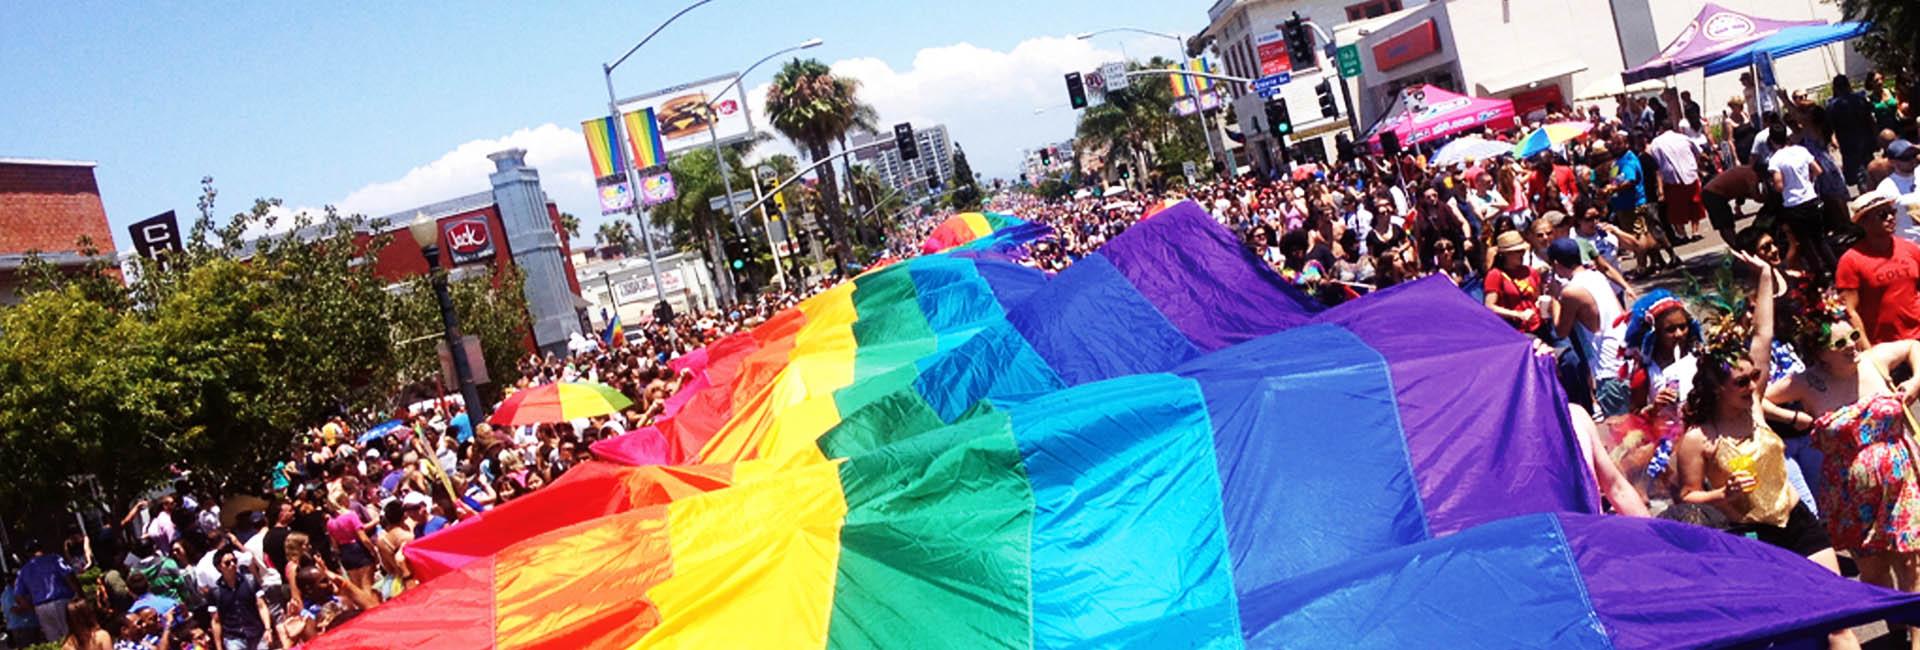 Pride Parade Flag